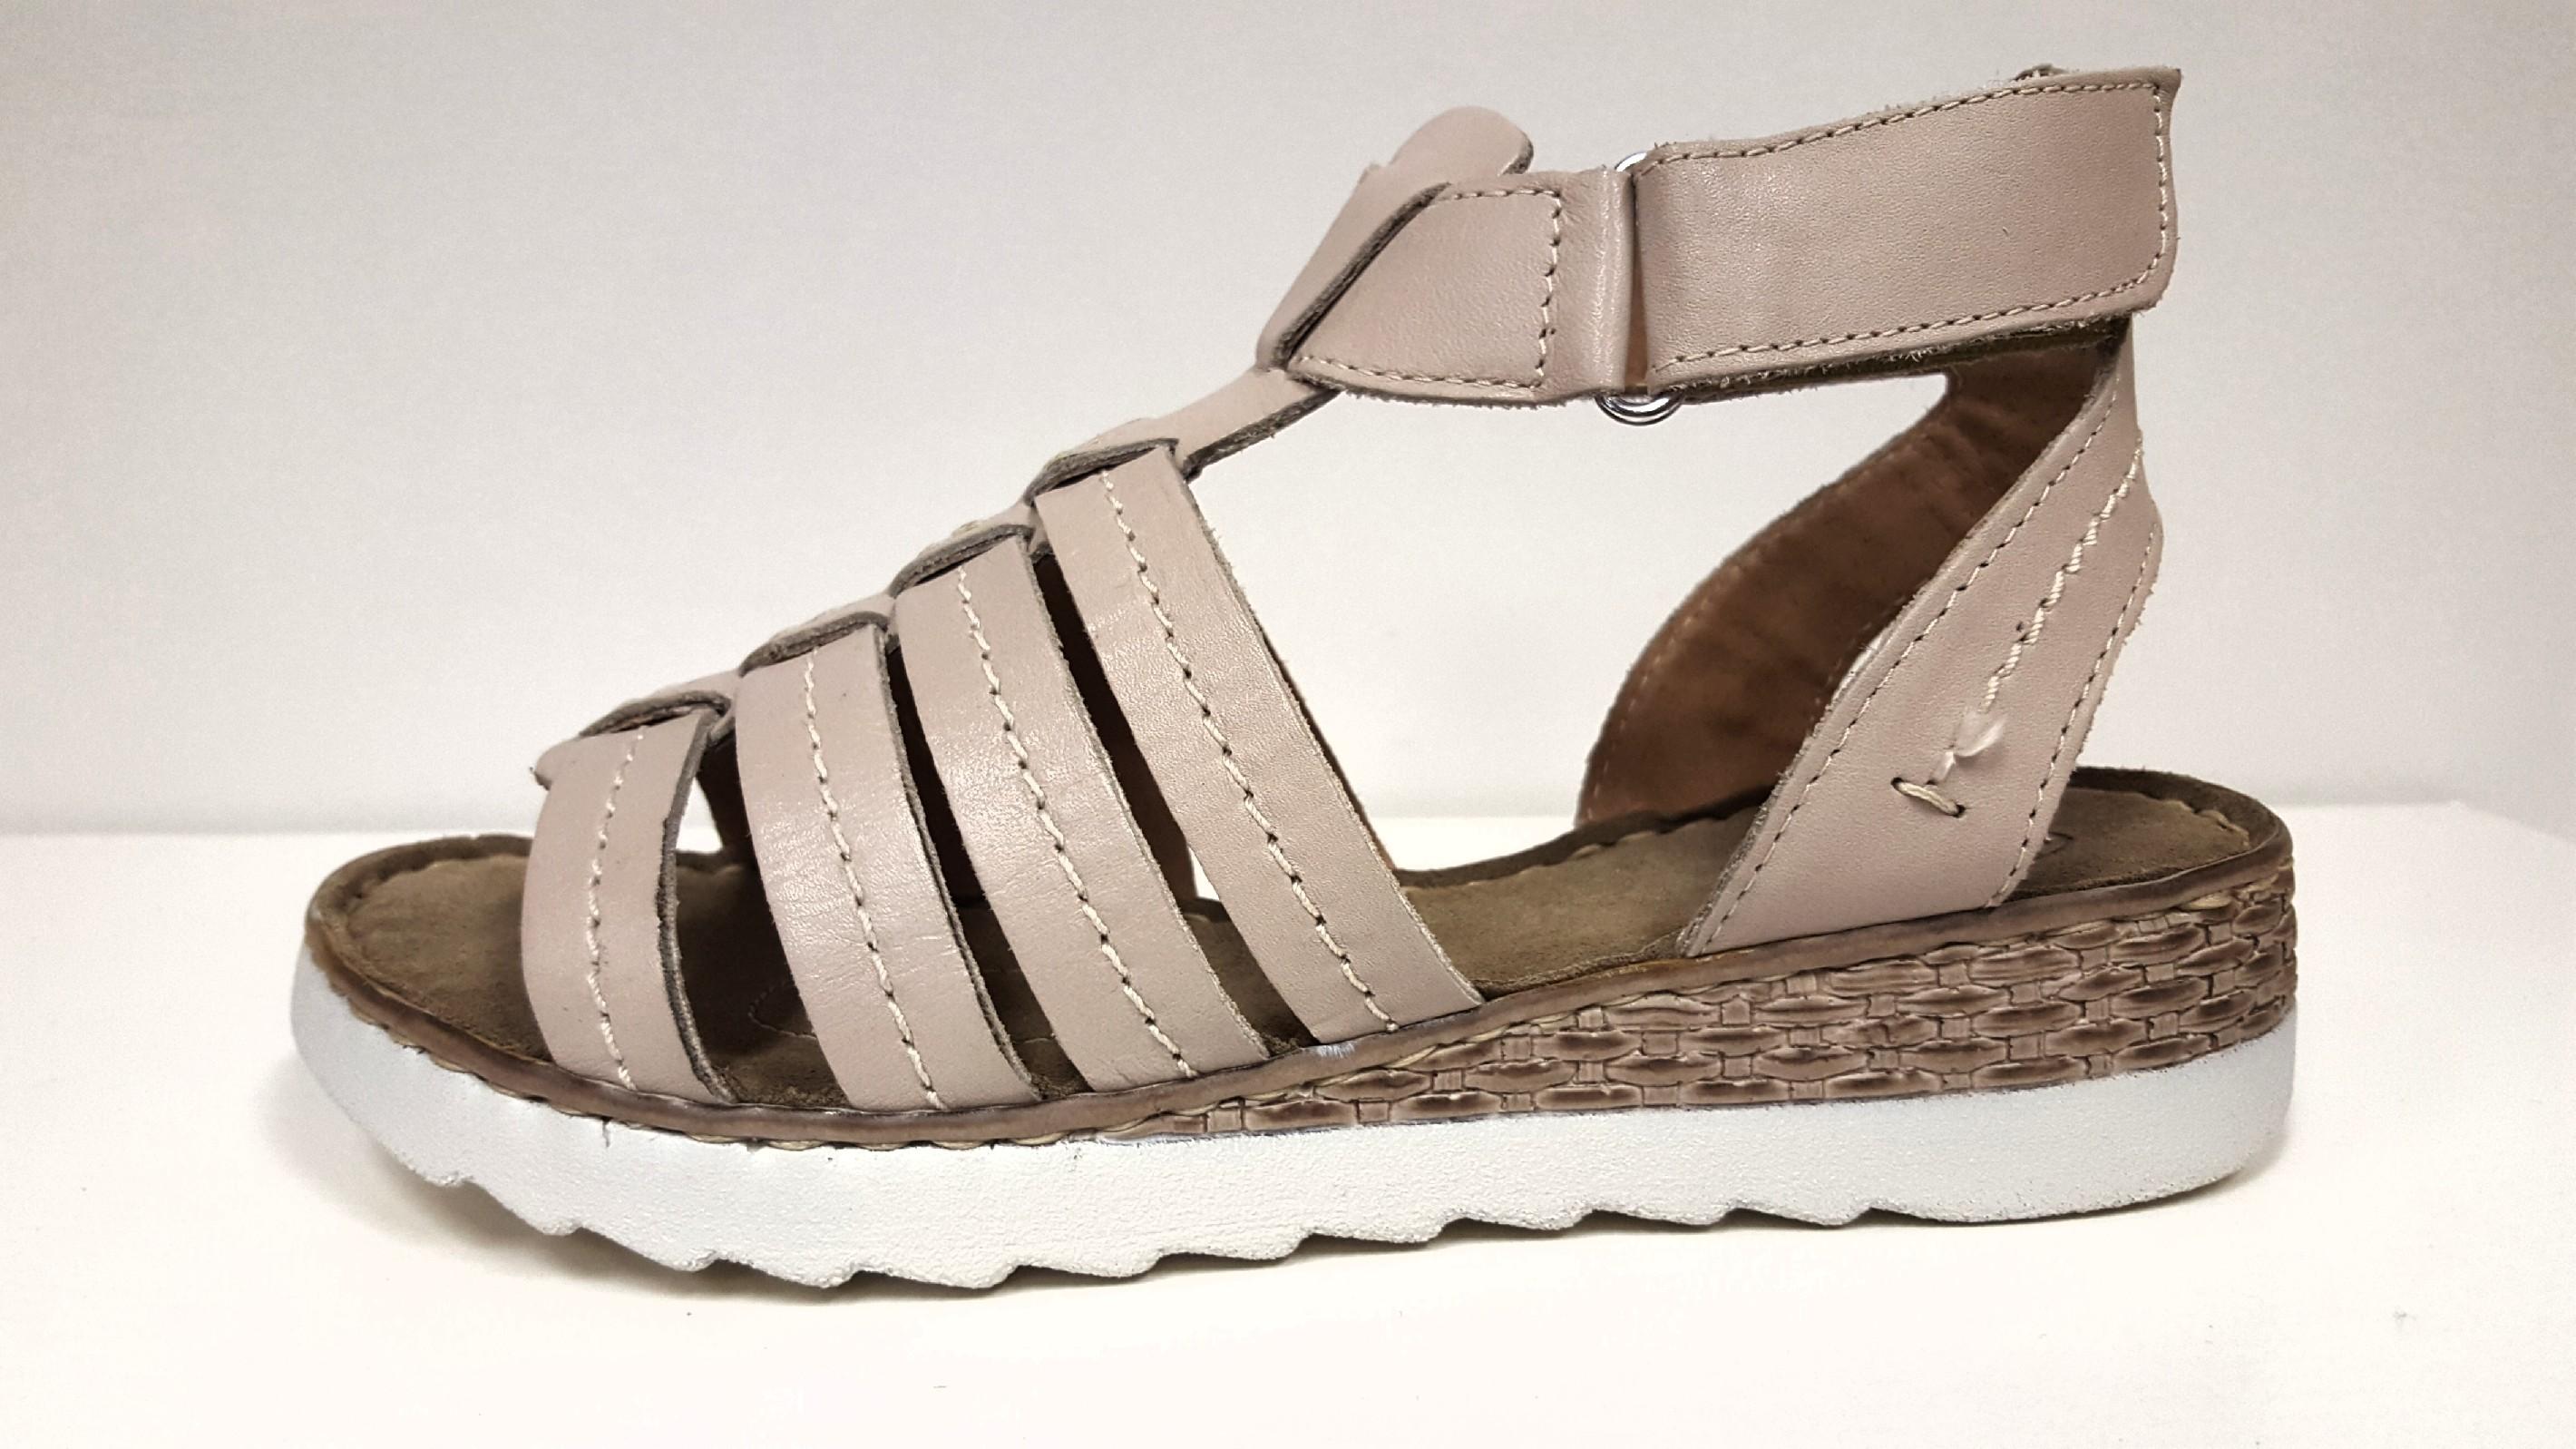 d1c156a0088 Dámské kožené páskové sandály béžové zdravotní obuv na klínku SANTÉ VF 24  Tabulka dámských velikostí